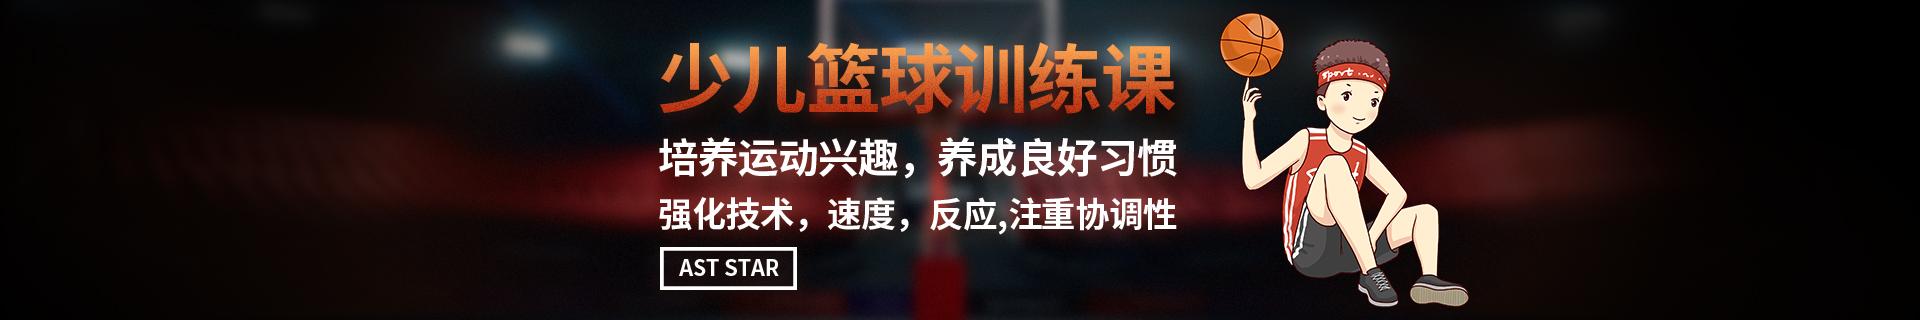 北京海淀区东方启明星五棵松校区